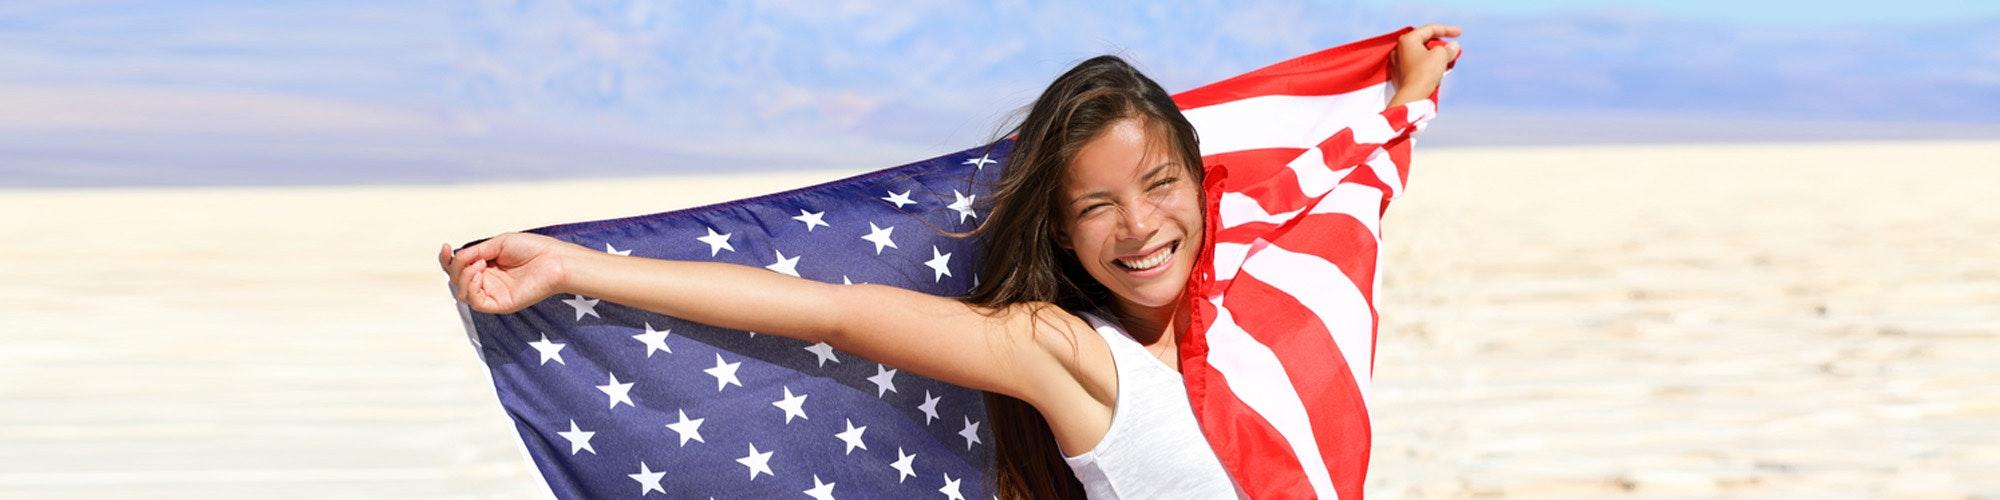 Sprachreise Sprachferien USA